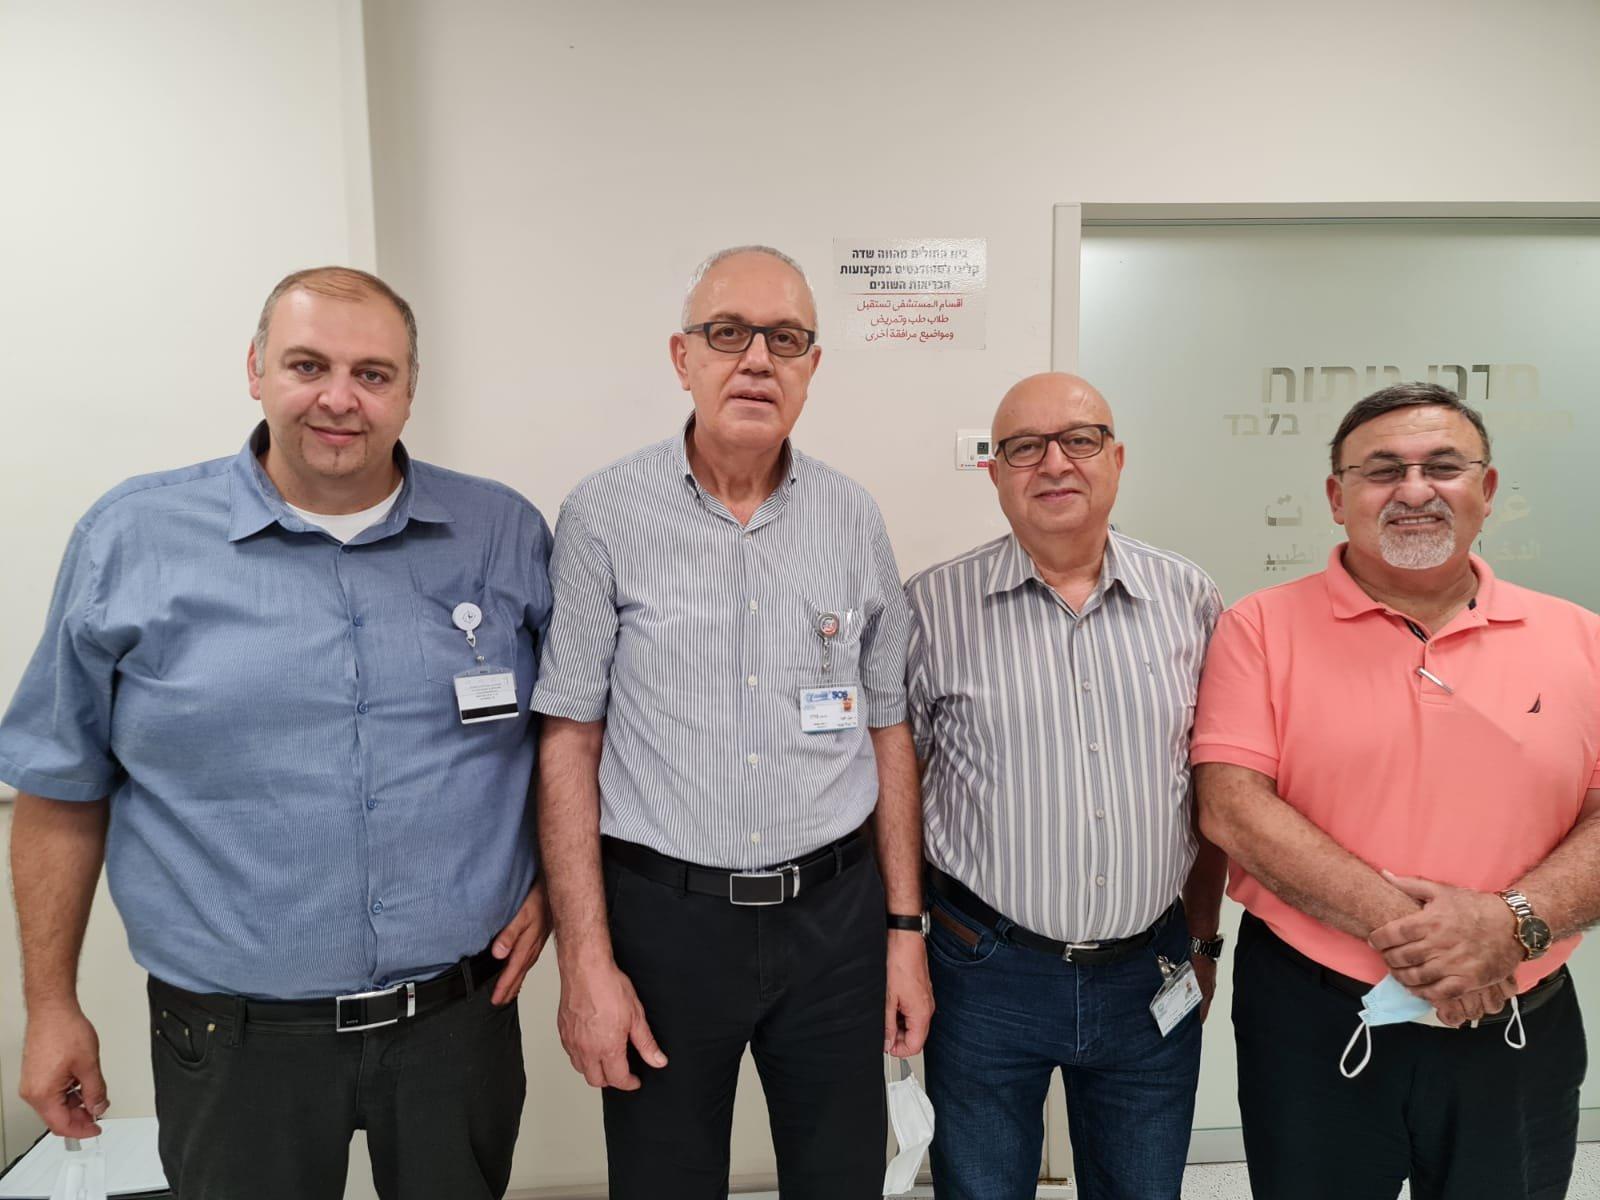 مستشفى الناصرة الانجليزي يستقطب خيرة أطباء المجتمع العربي د. وسام حسيب عبود يبدأ عمله في المستشفى كمدير لقسم الجراحة